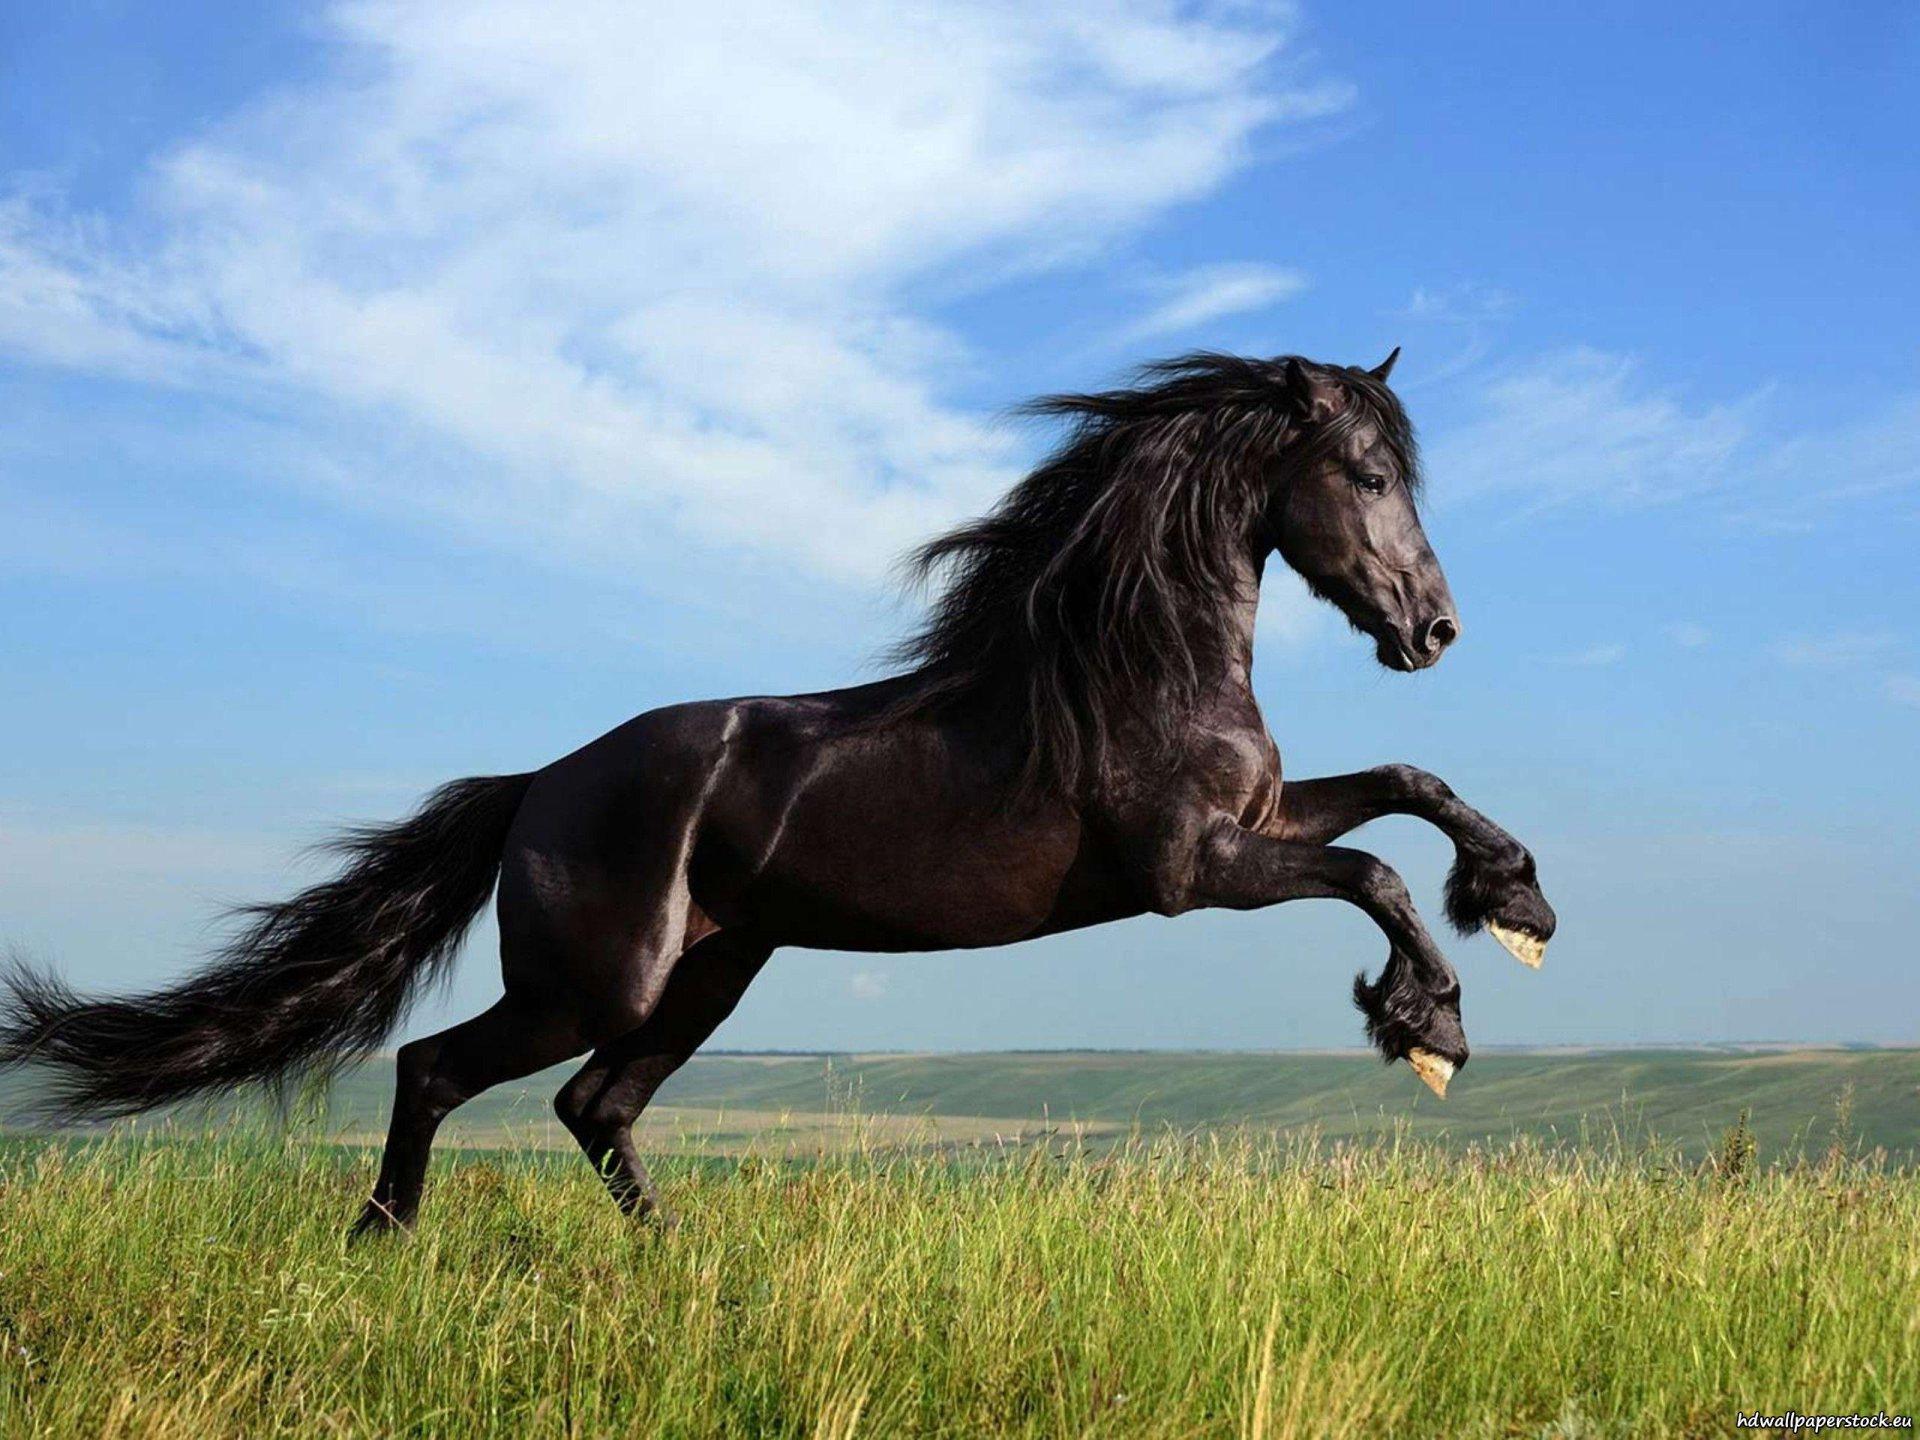 Horse Jumping Desktop Wallpaper wallpaper wallpaper hd background 1920x1440